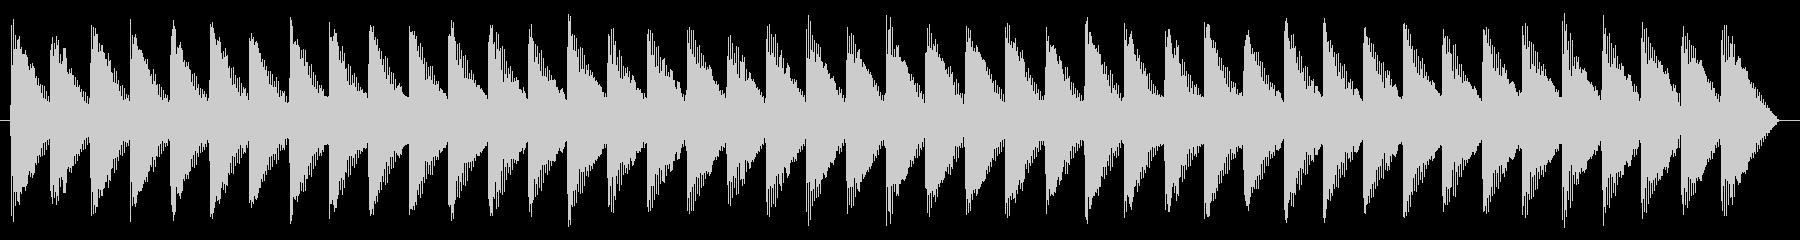 踏切 警報音01-1の未再生の波形